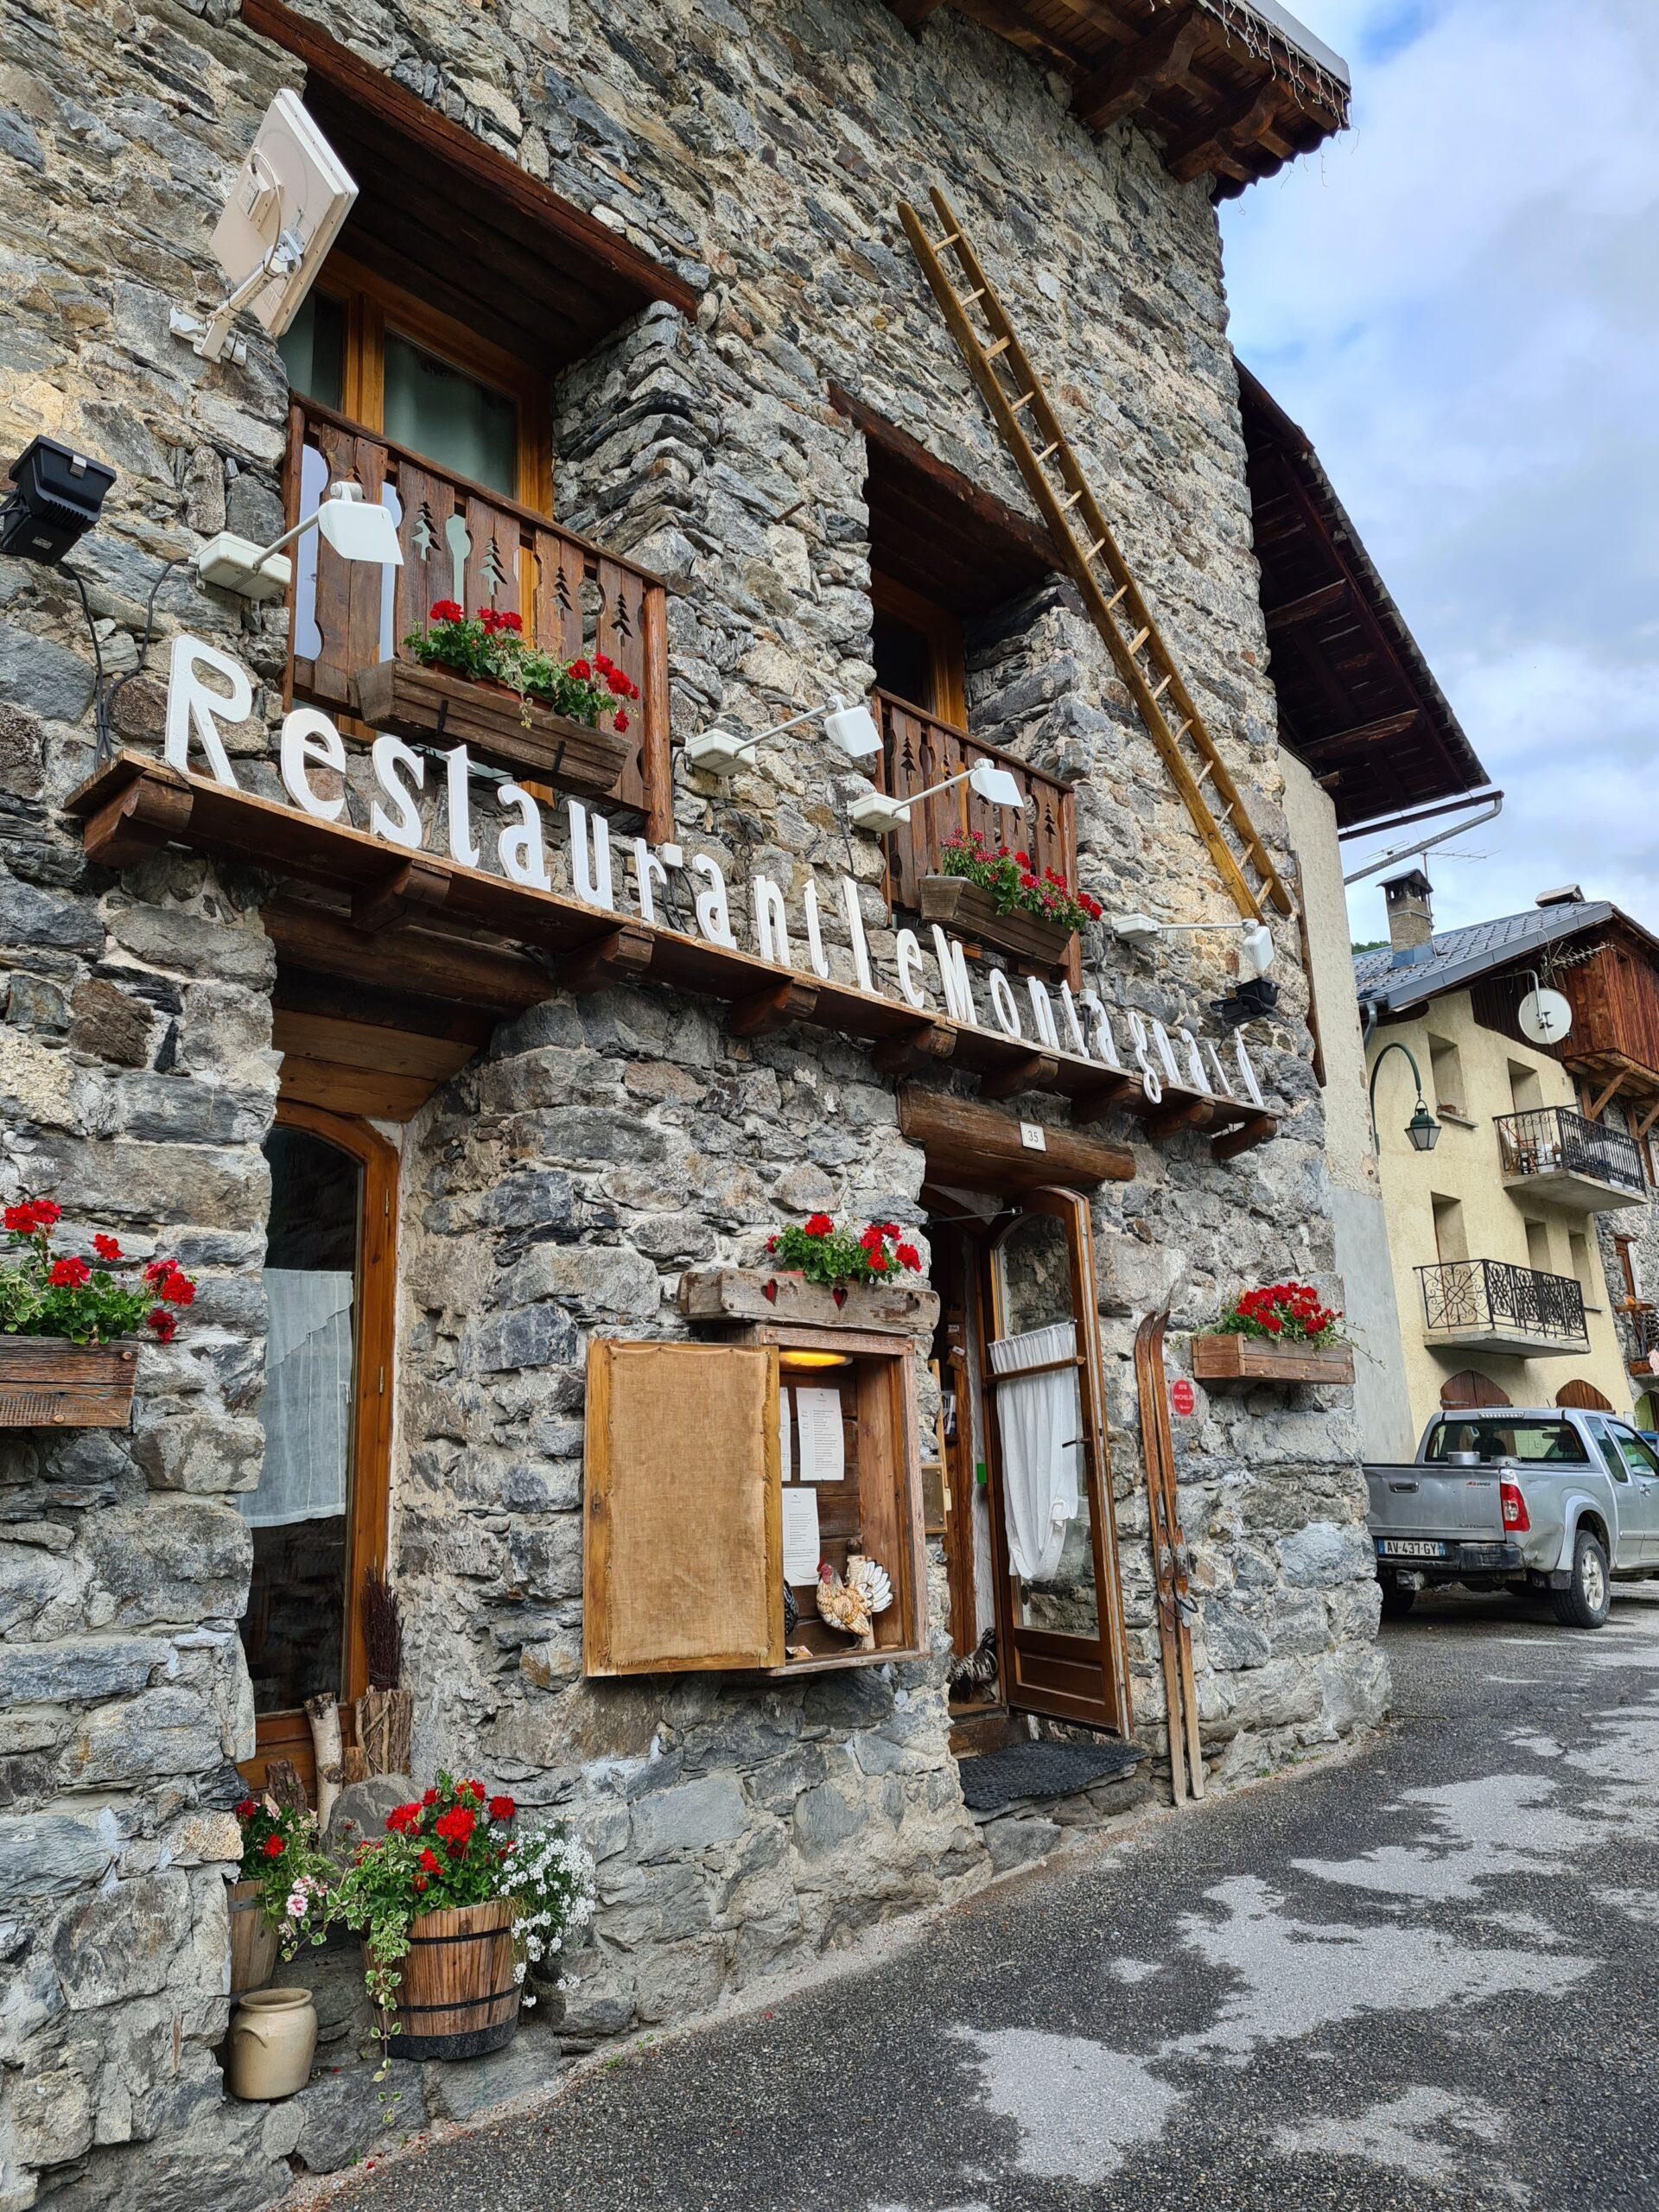 De traditionele boerderijen in Saint Martin de Belleville zijn omgebouwd tot gezellige chalets en veel stallen met houten balken zijn omgebouwd tot restaurants